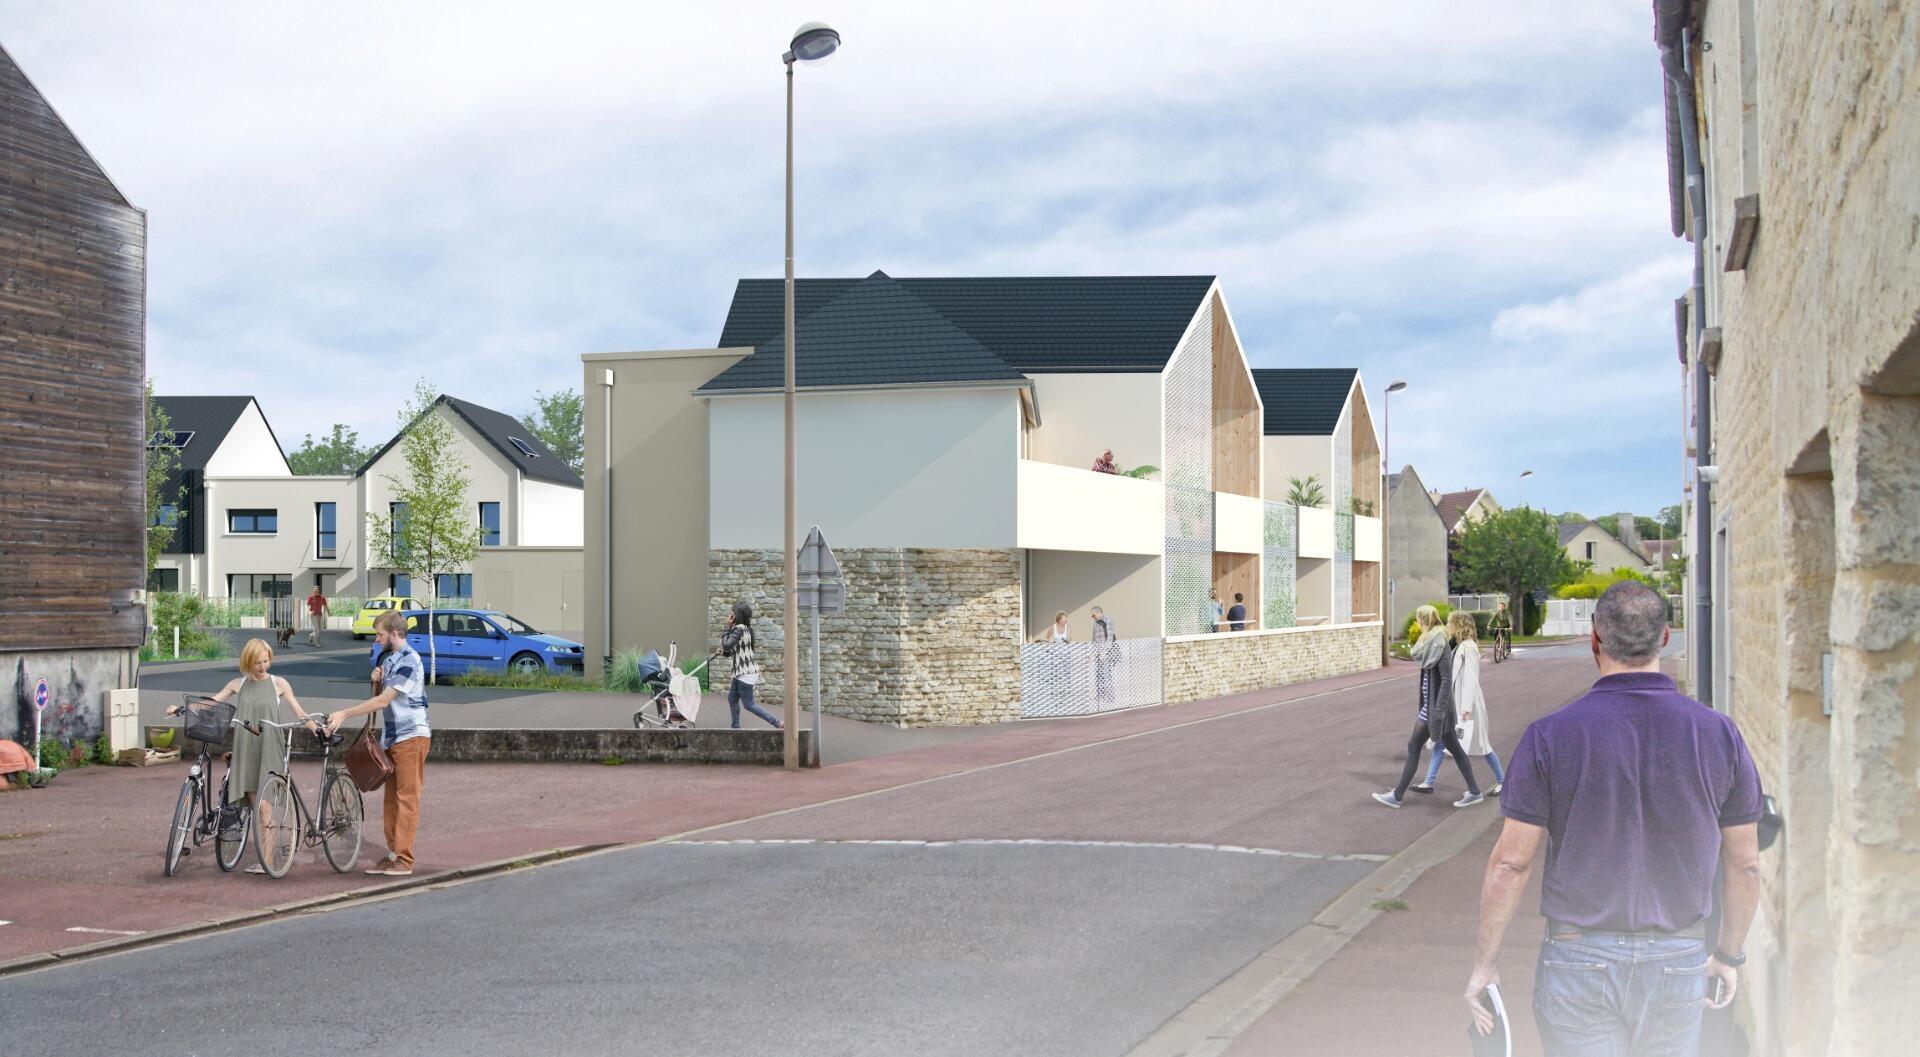 Maison Clé En Main Calvados vente maison louvigny (14111) : à vendre 96 m² 277 000€ louvigny